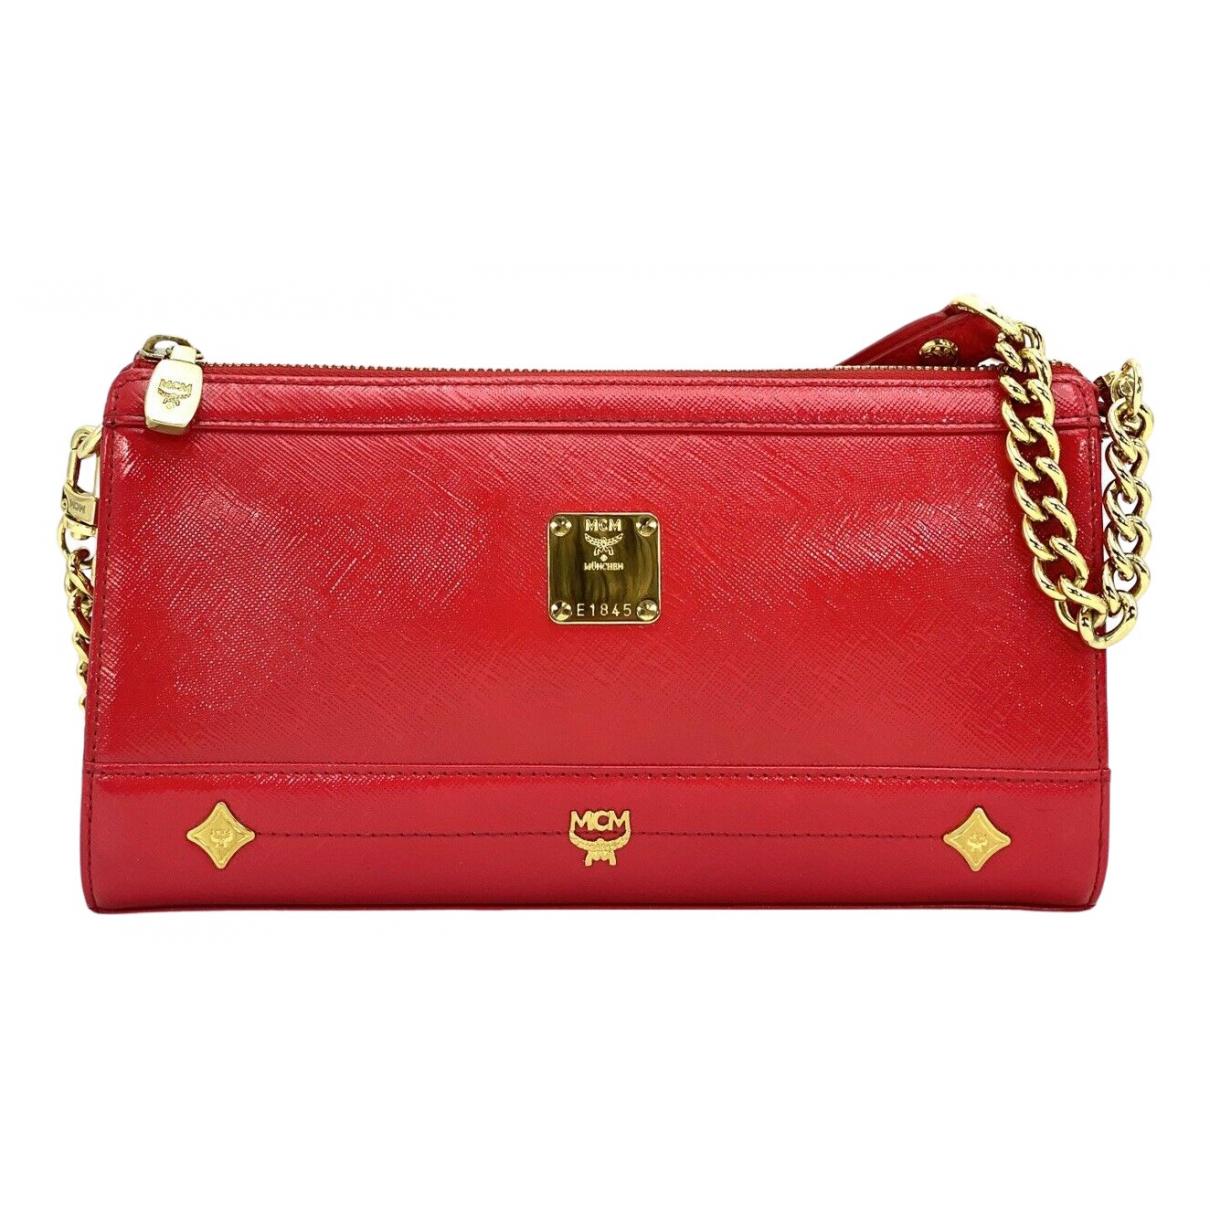 Mcm \N Handtasche in  Rot Leinen